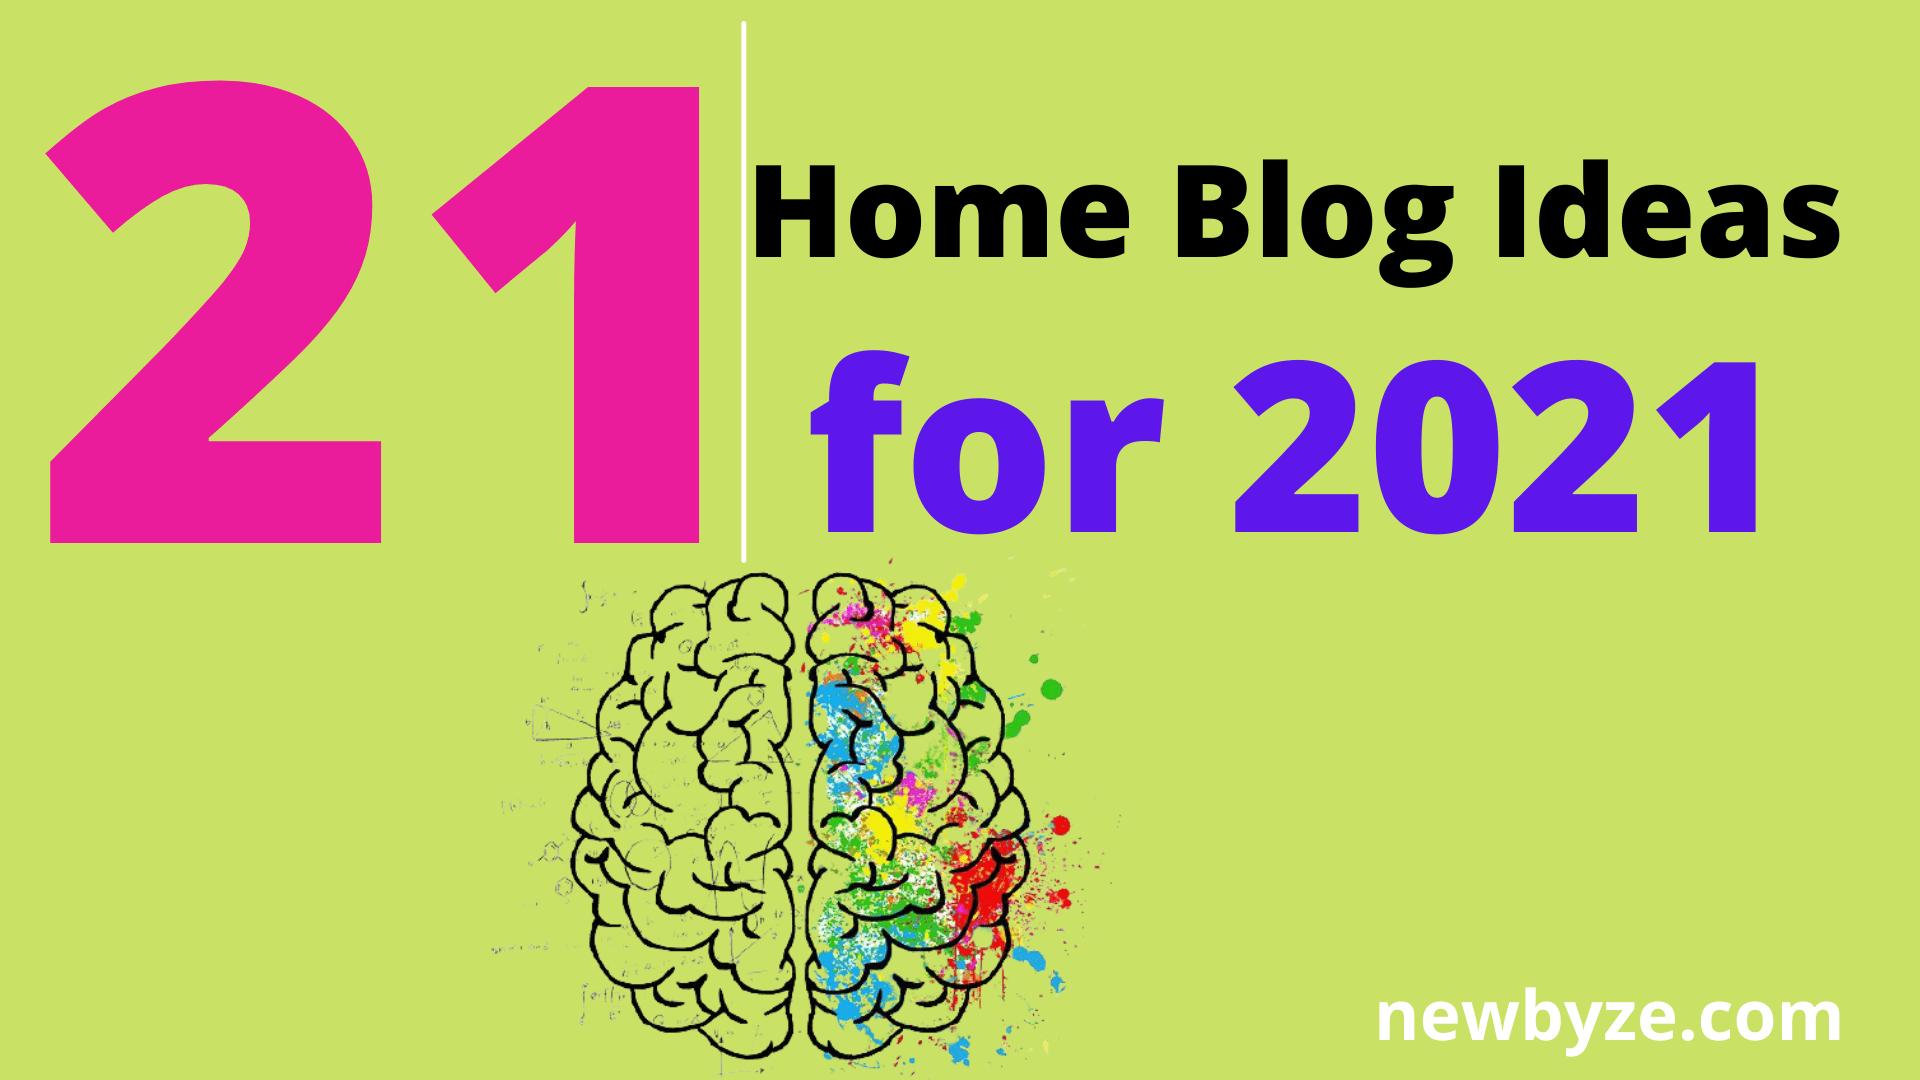 Home blog ideas